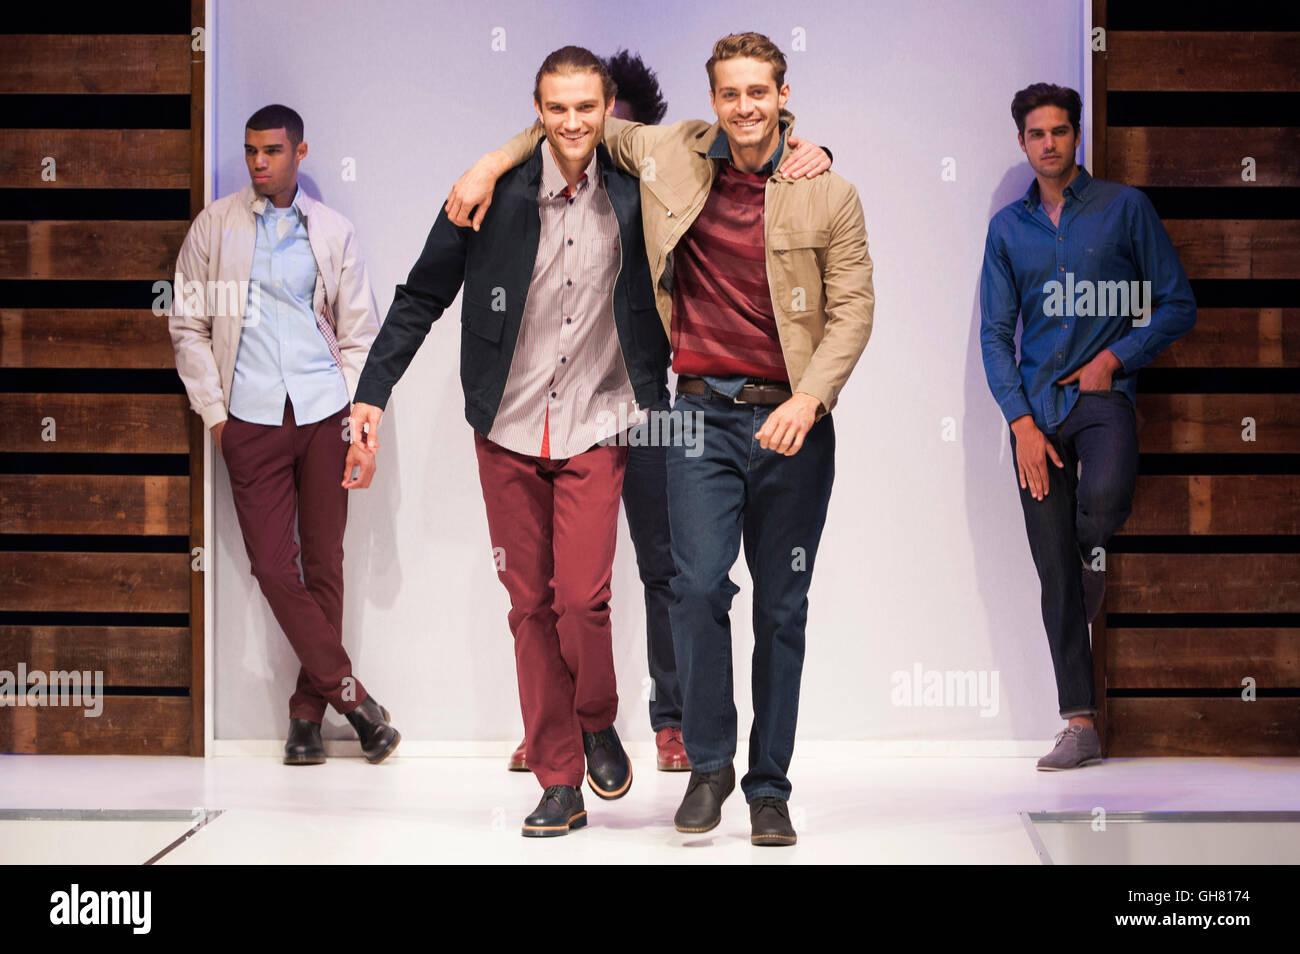 Modelos en la pasarela de la moda masculina en moda Primavera Verano 2017, NEC Birmingham, Reino Unido. Crédito: Foto de stock